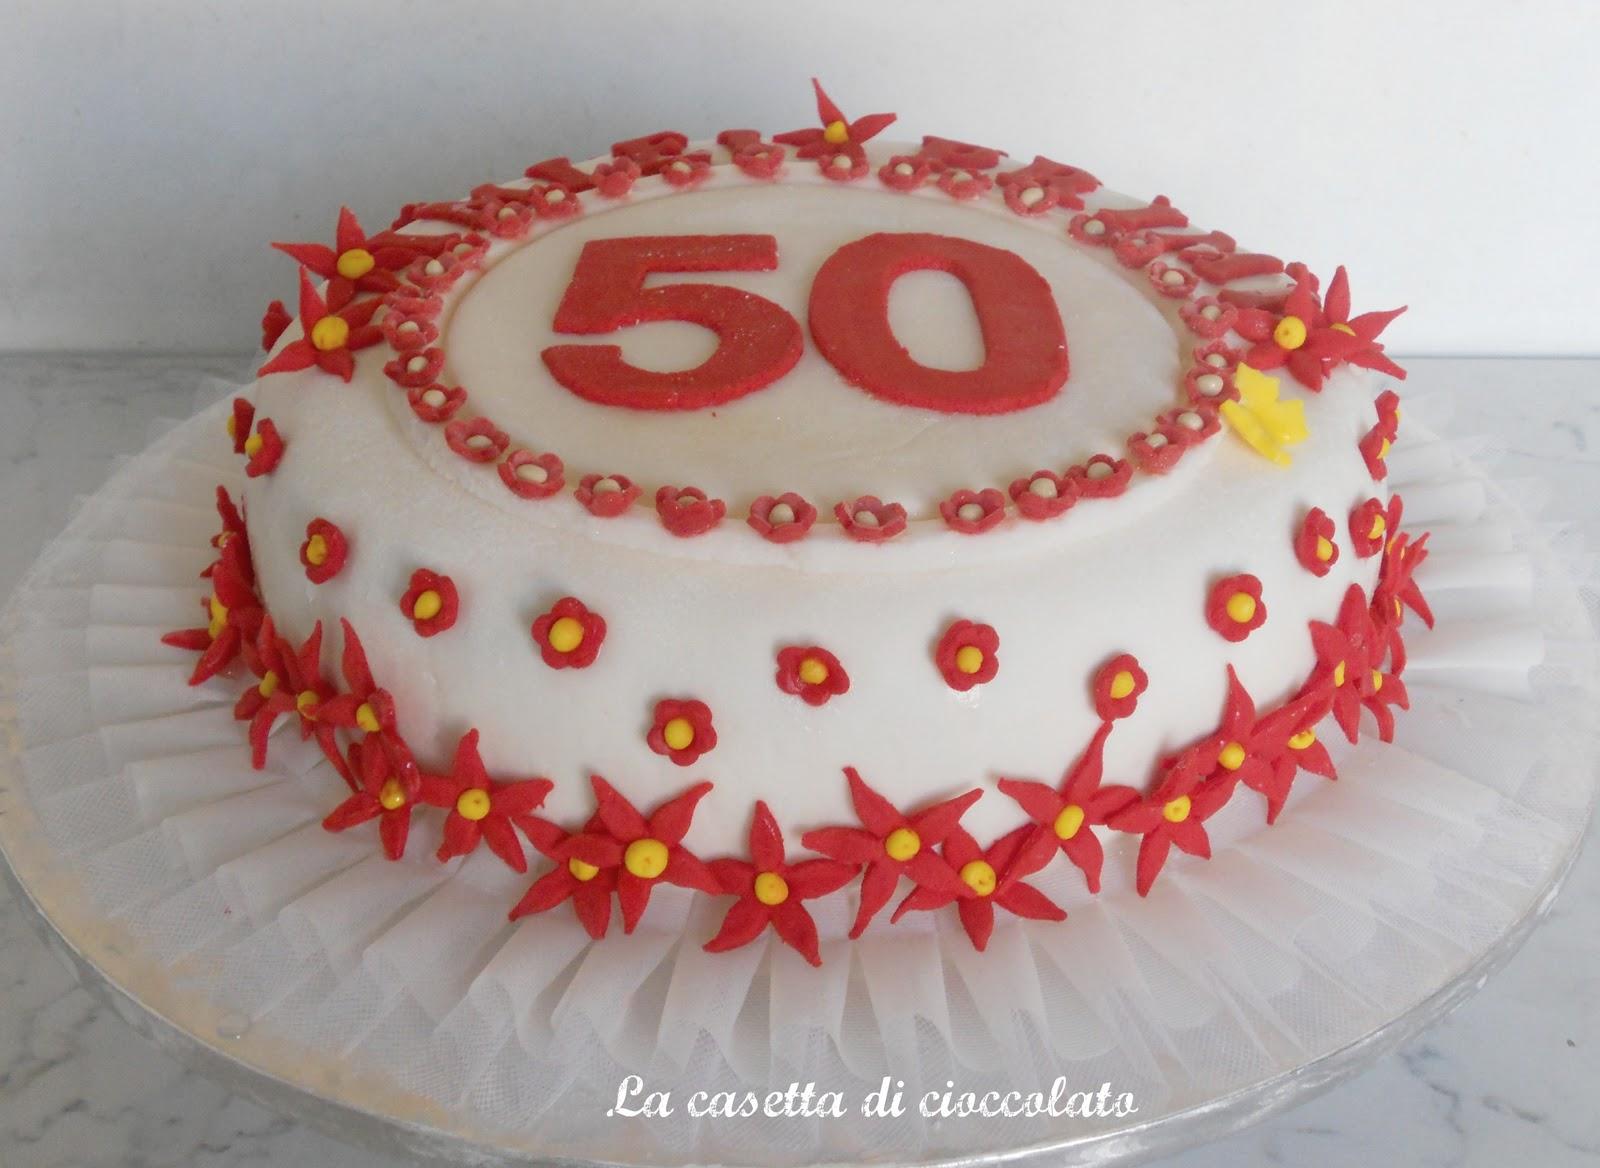 abbastanza la casetta di cioccolato: I miei primi 50 anni NL31